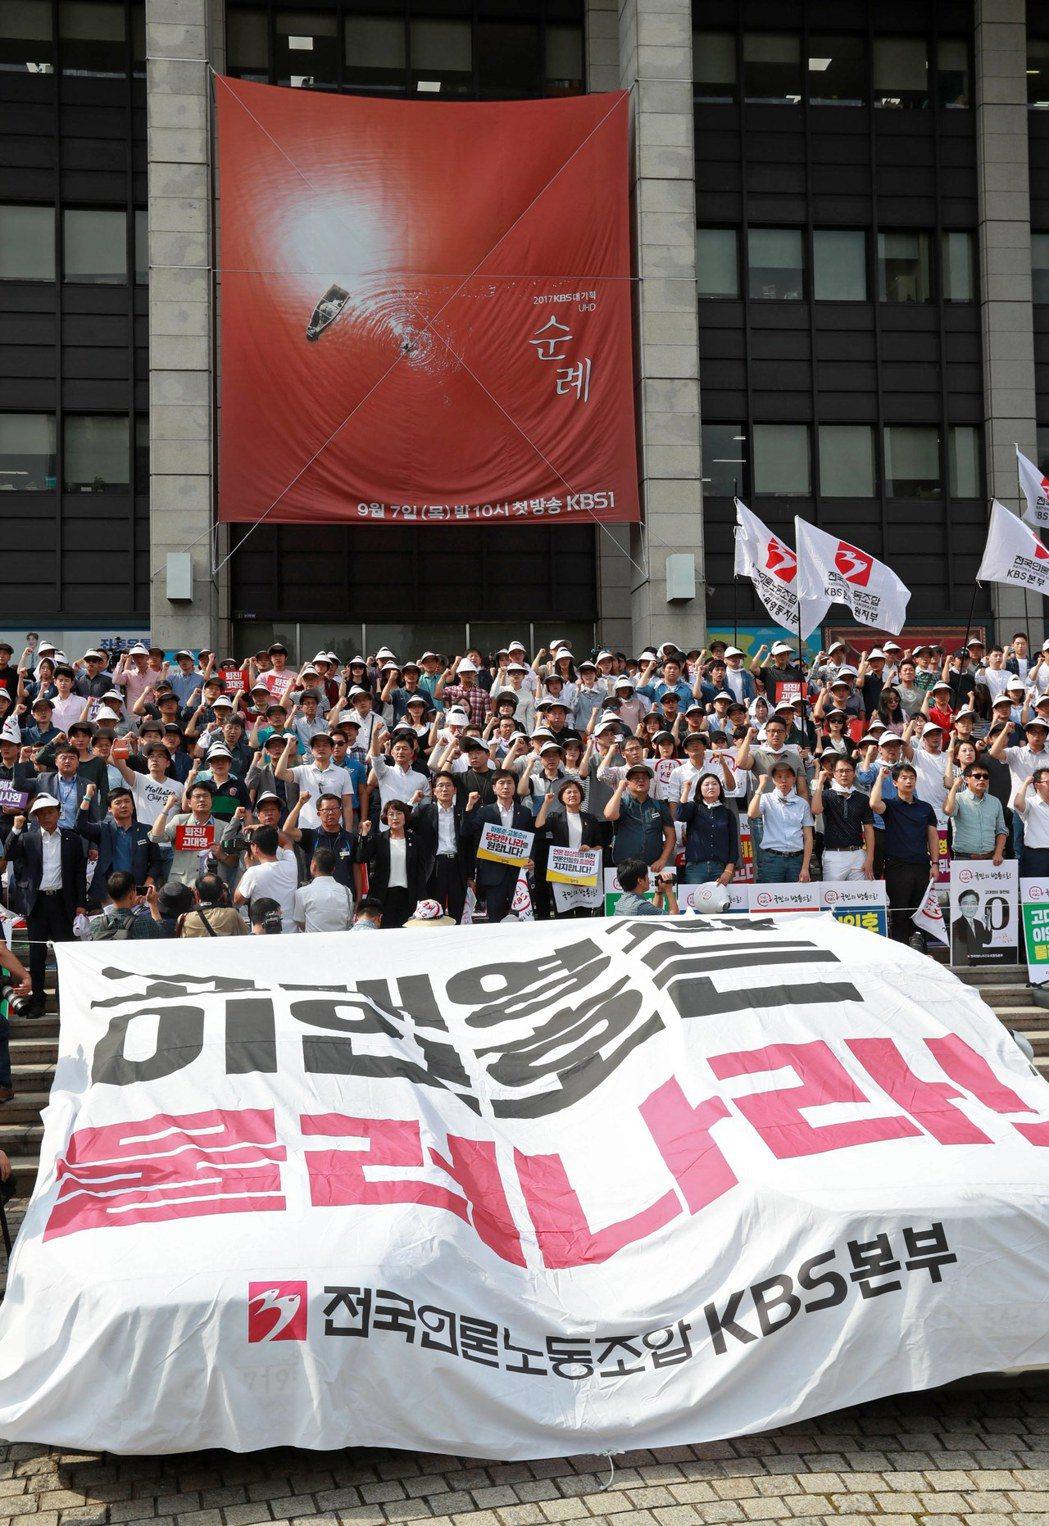 工會的抗爭路線,能否把力挺的主流民意,化作實際力量,也將成左右抗爭結果的變數。 ...